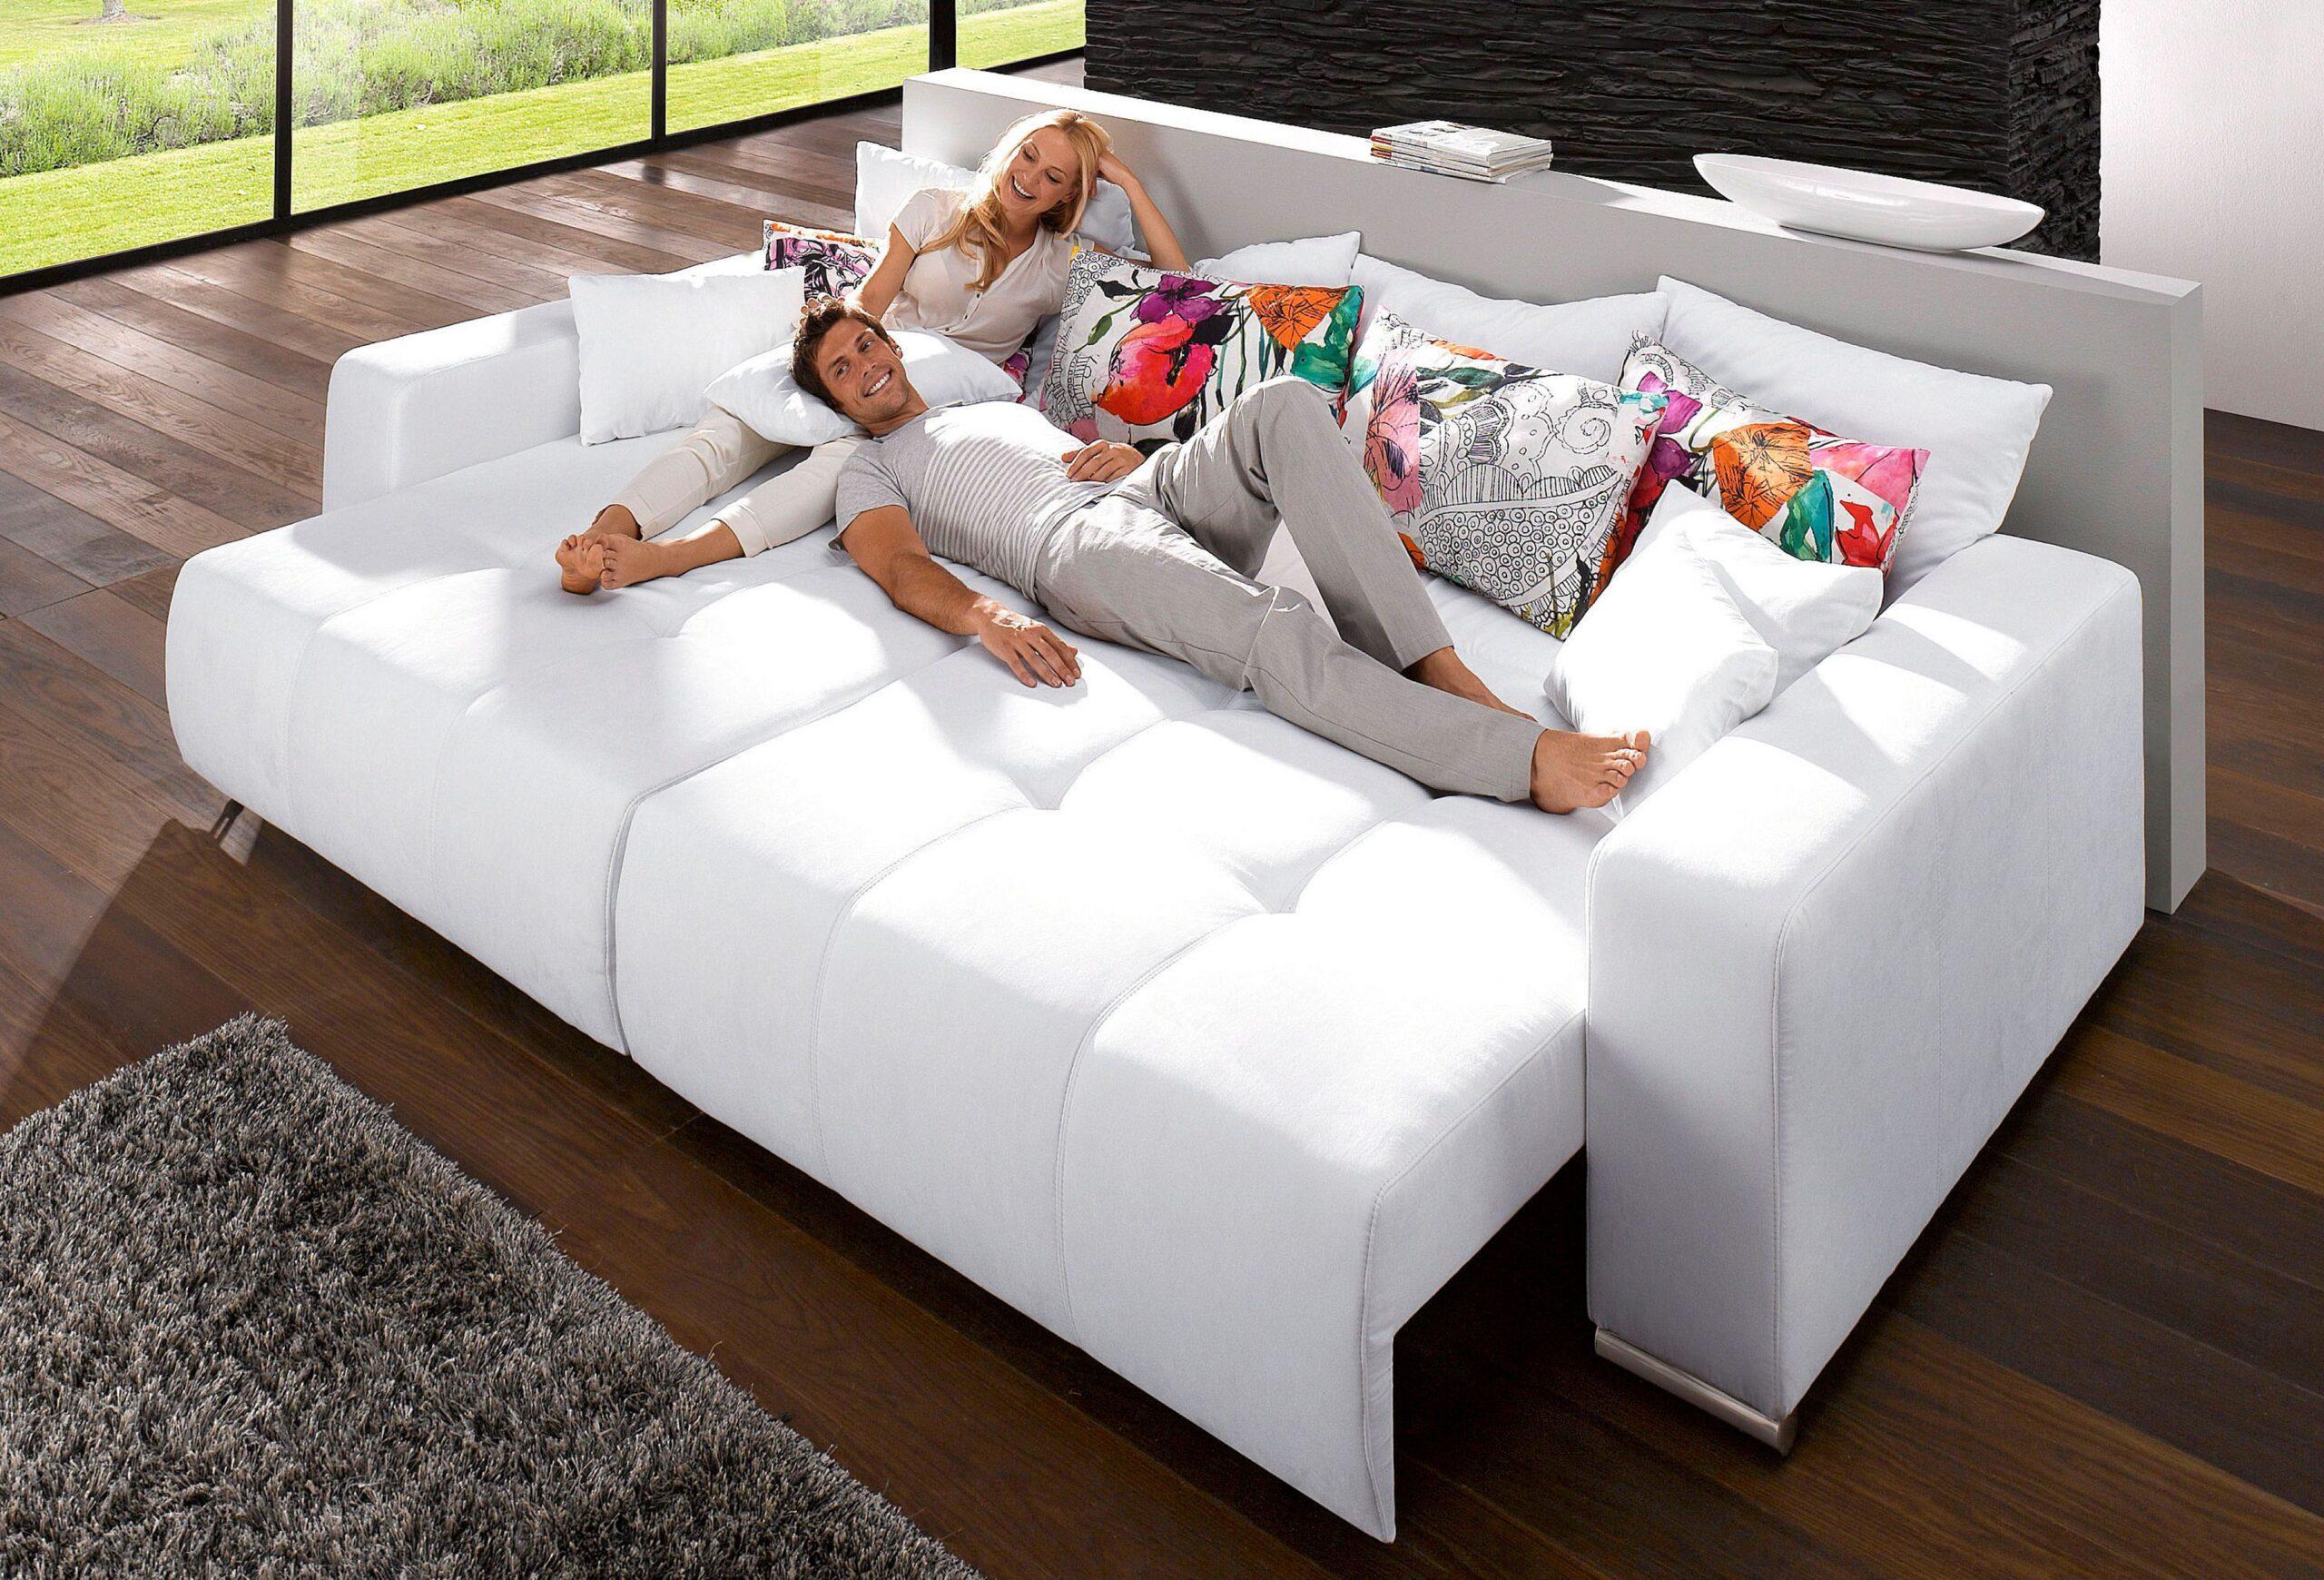 Full Size of Großes Sofa Mit Bettfunktion Billig Big Schlaffunktion Bildern Boxspring Wk Sitzhöhe 55 Cm Esstisch 4 Stühlen Günstig Bett Lattenrost 2 Sitzer Blaues Boxen Wohnzimmer Großes Sofa Mit Bettfunktion